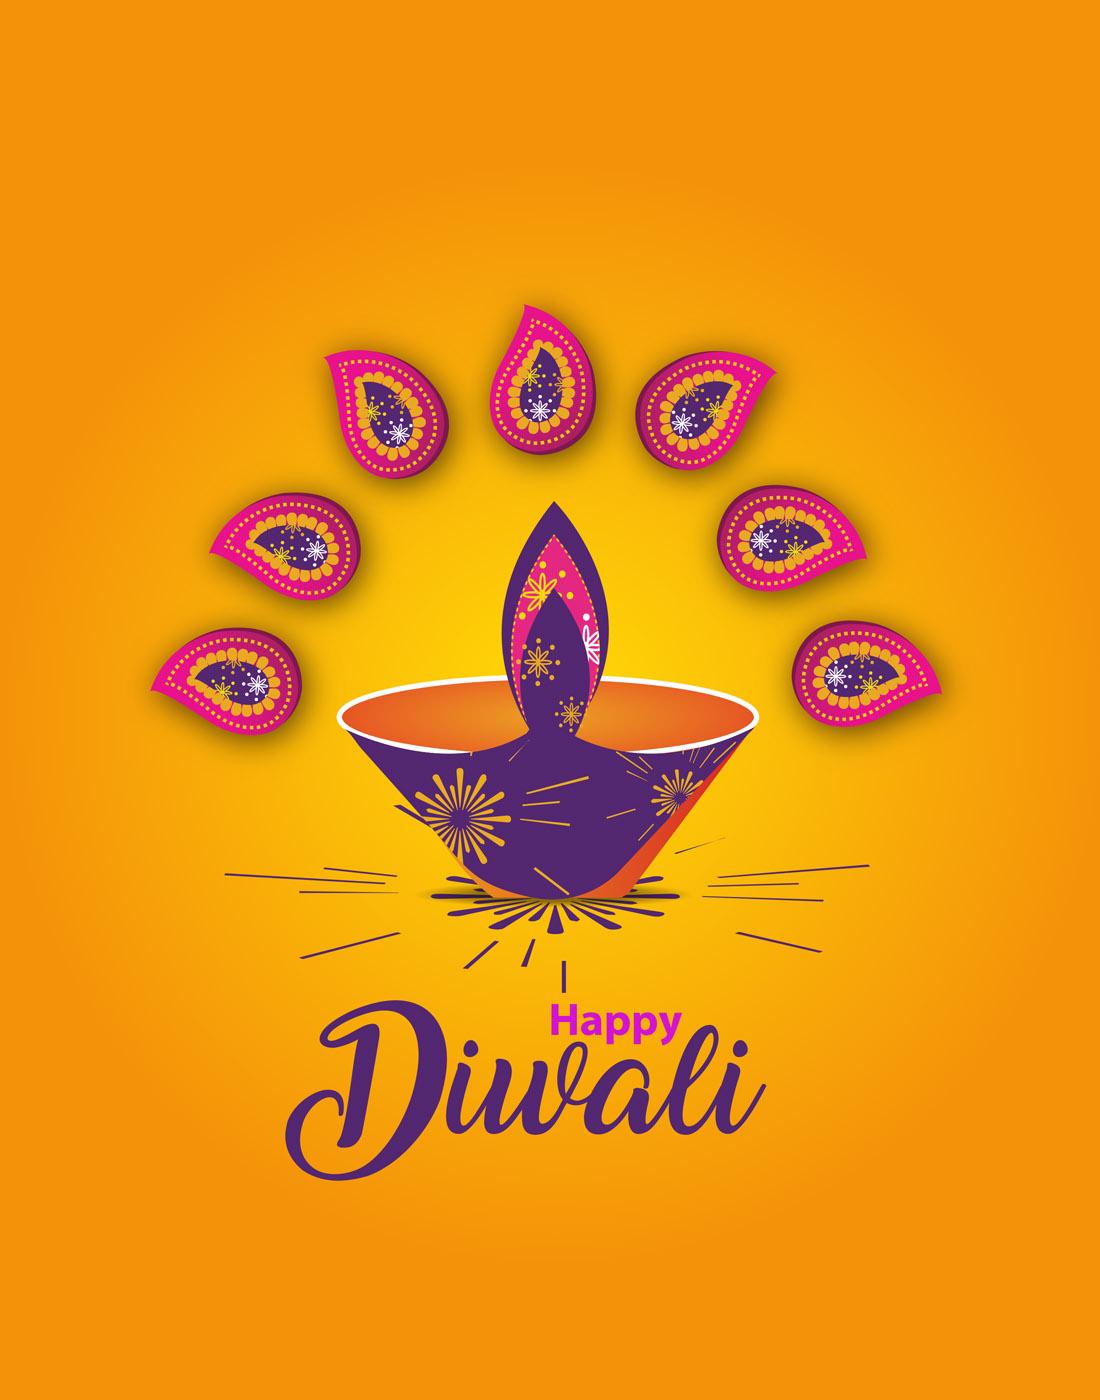 diwali_lamp_vector_download